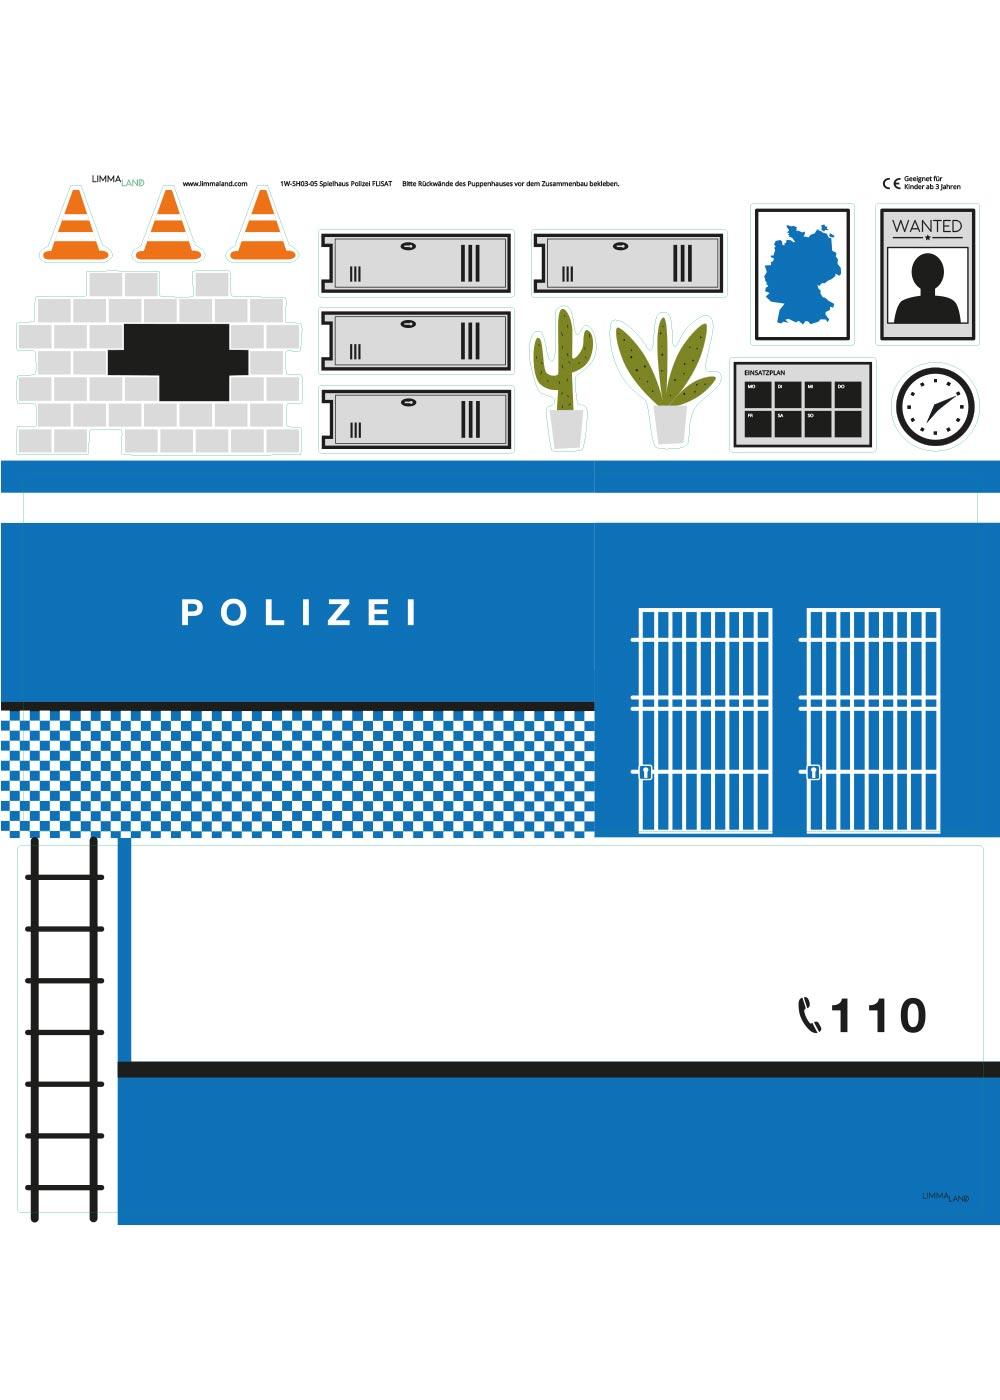 Ikea Flisat Puppenhaus Tapete Polizei Druckvorlage